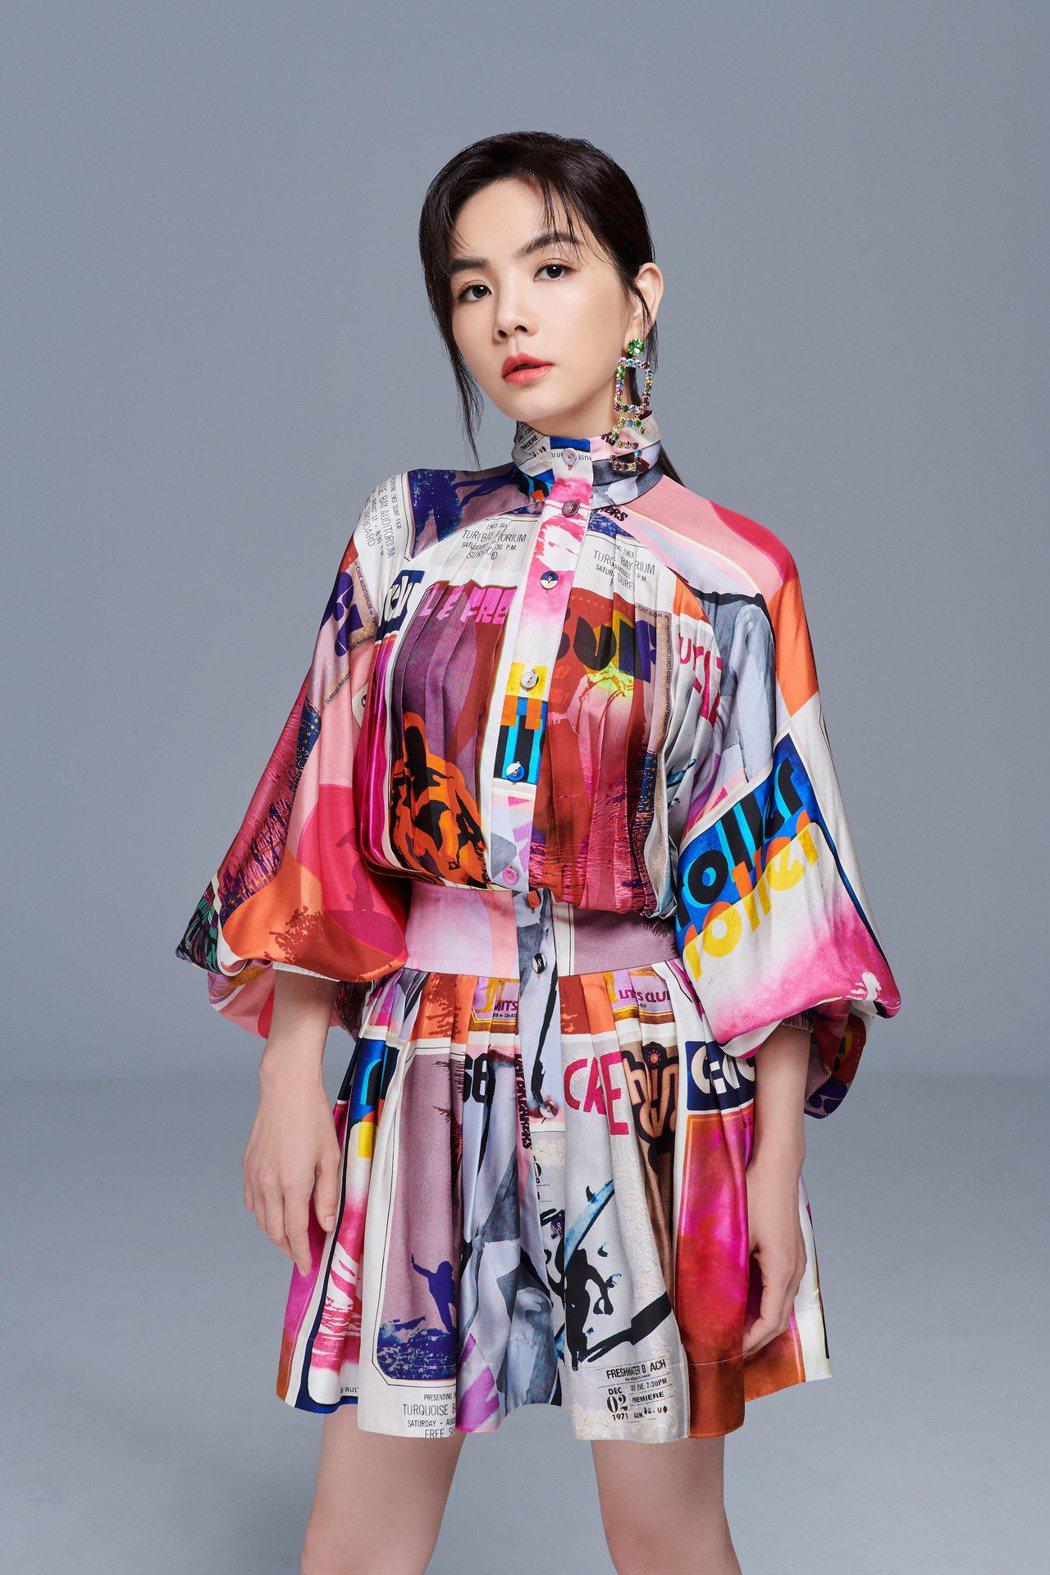 Ella擔任光良演唱會嘉賓,合體國寶喊榮幸。圖/勁樺娛樂提供